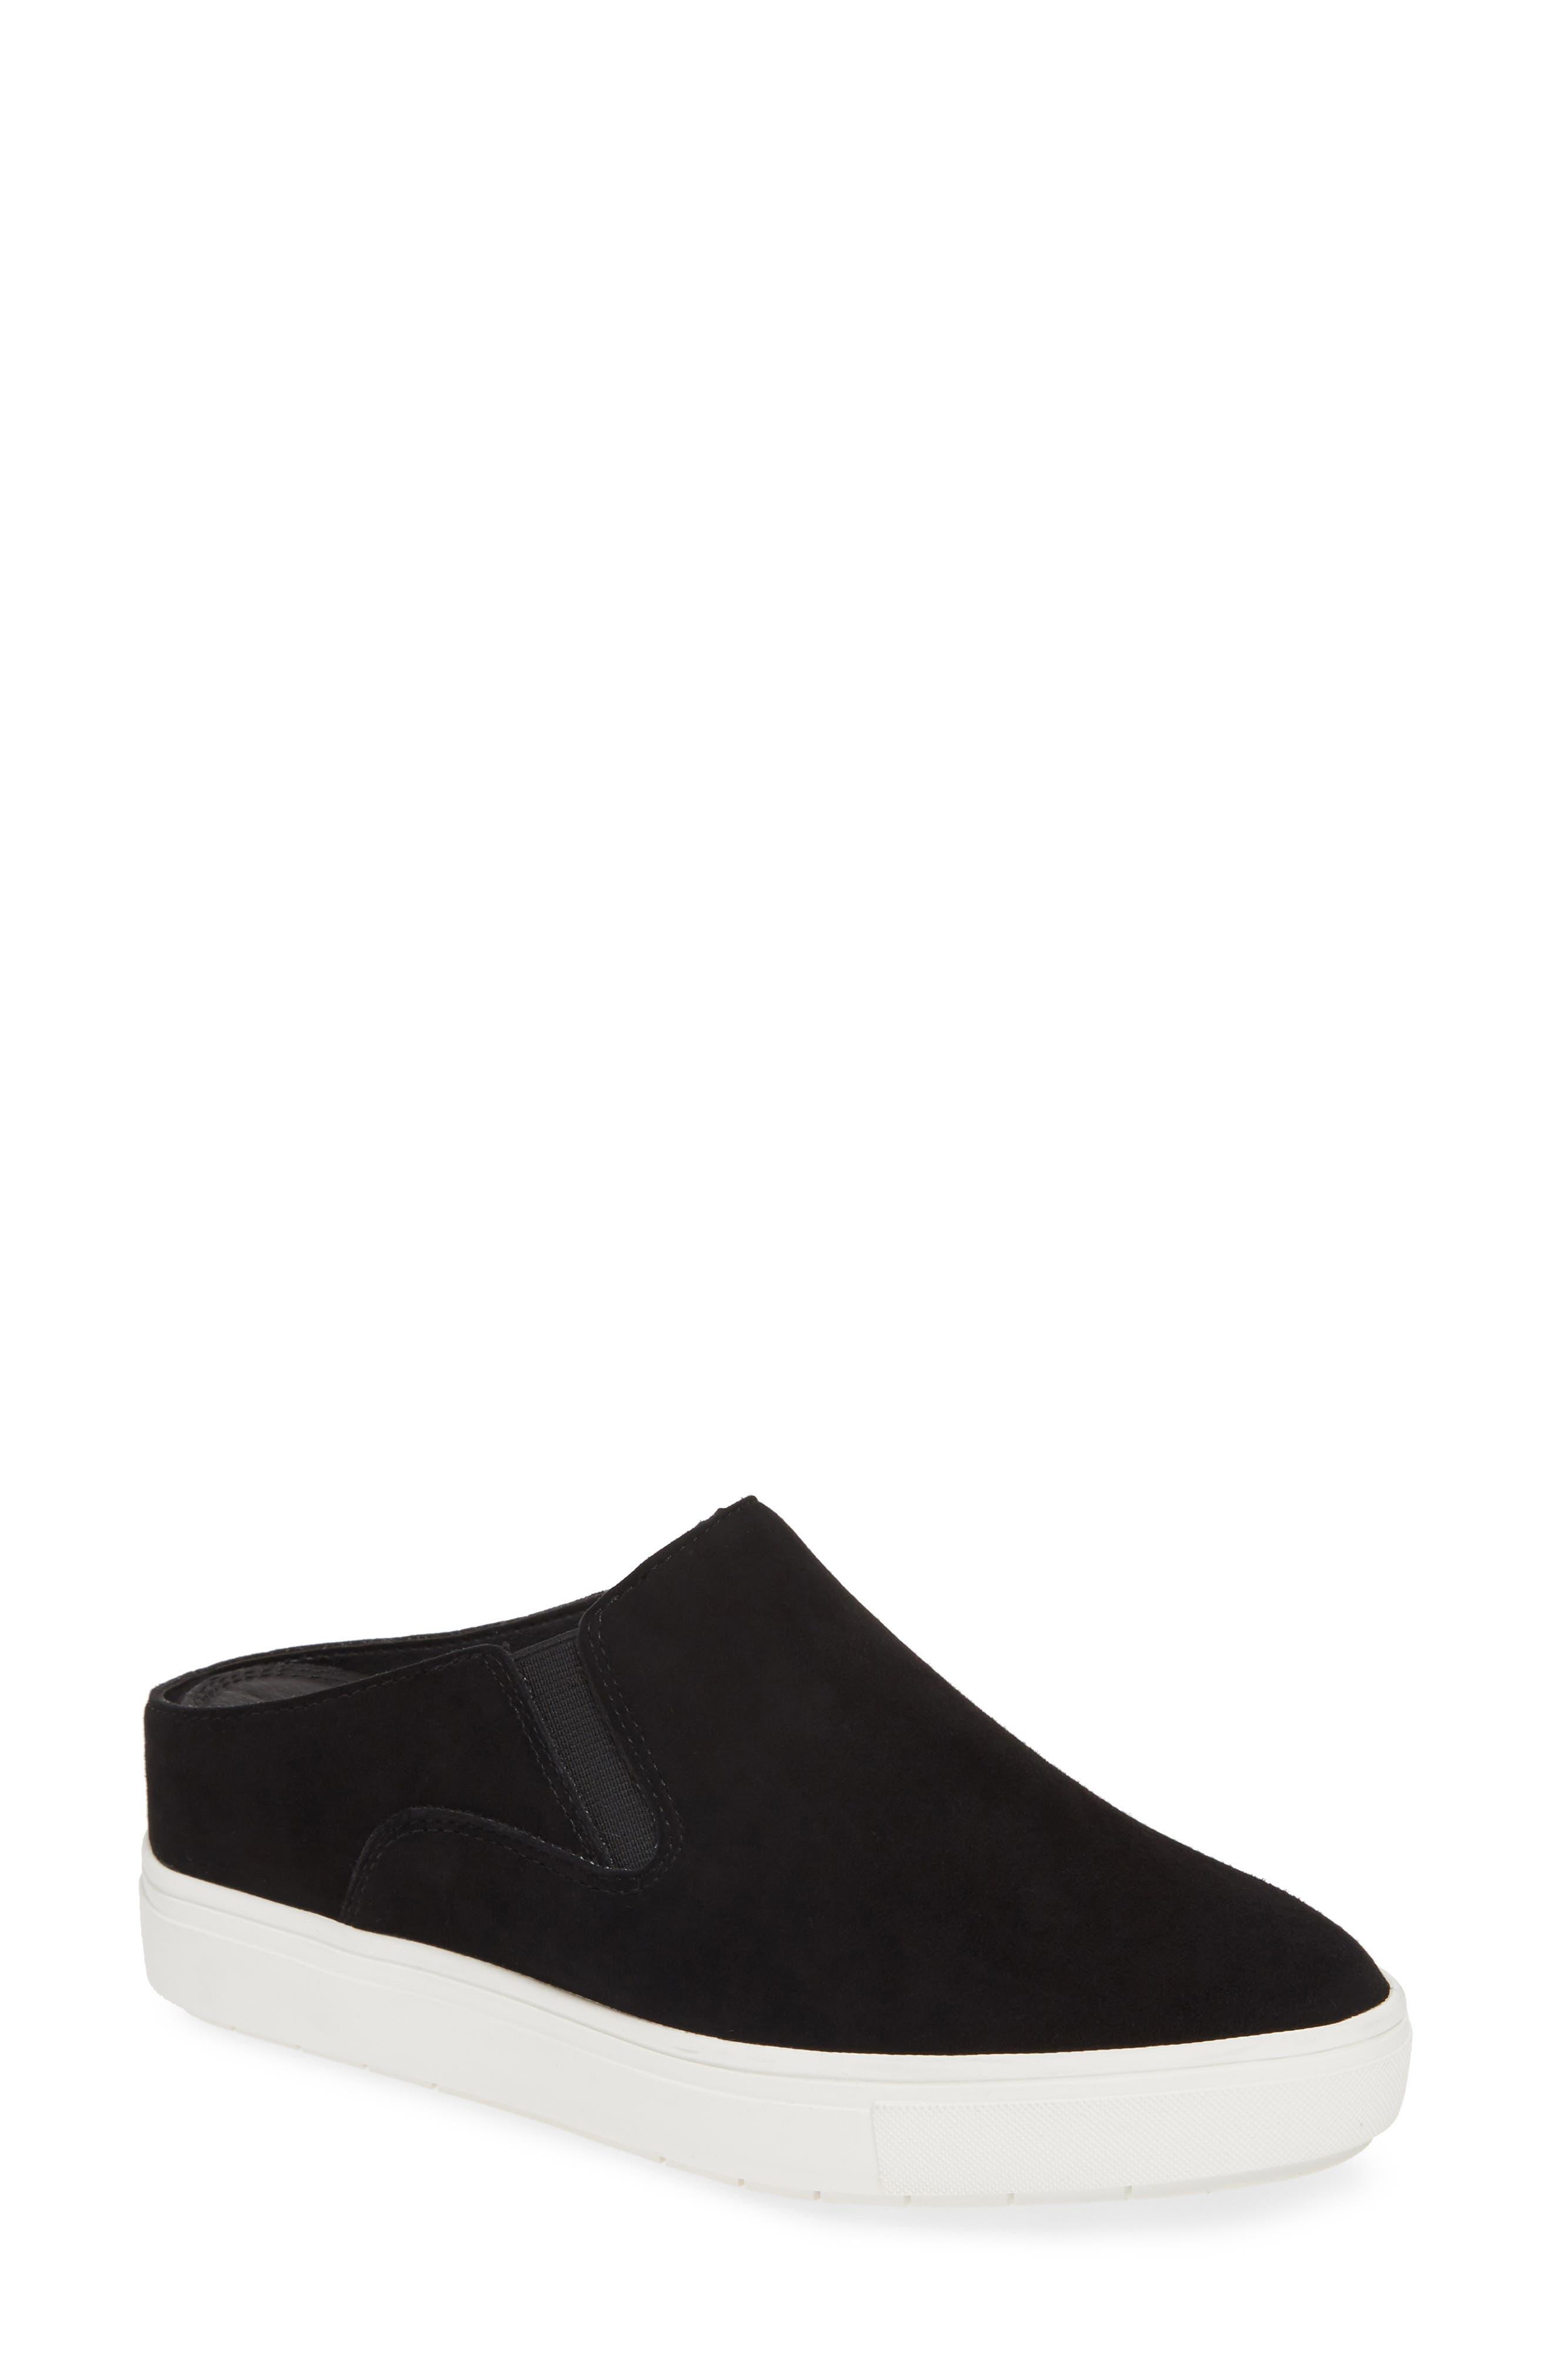 Steven By Steve Madden Claudine Slip-On Sneaker, Black